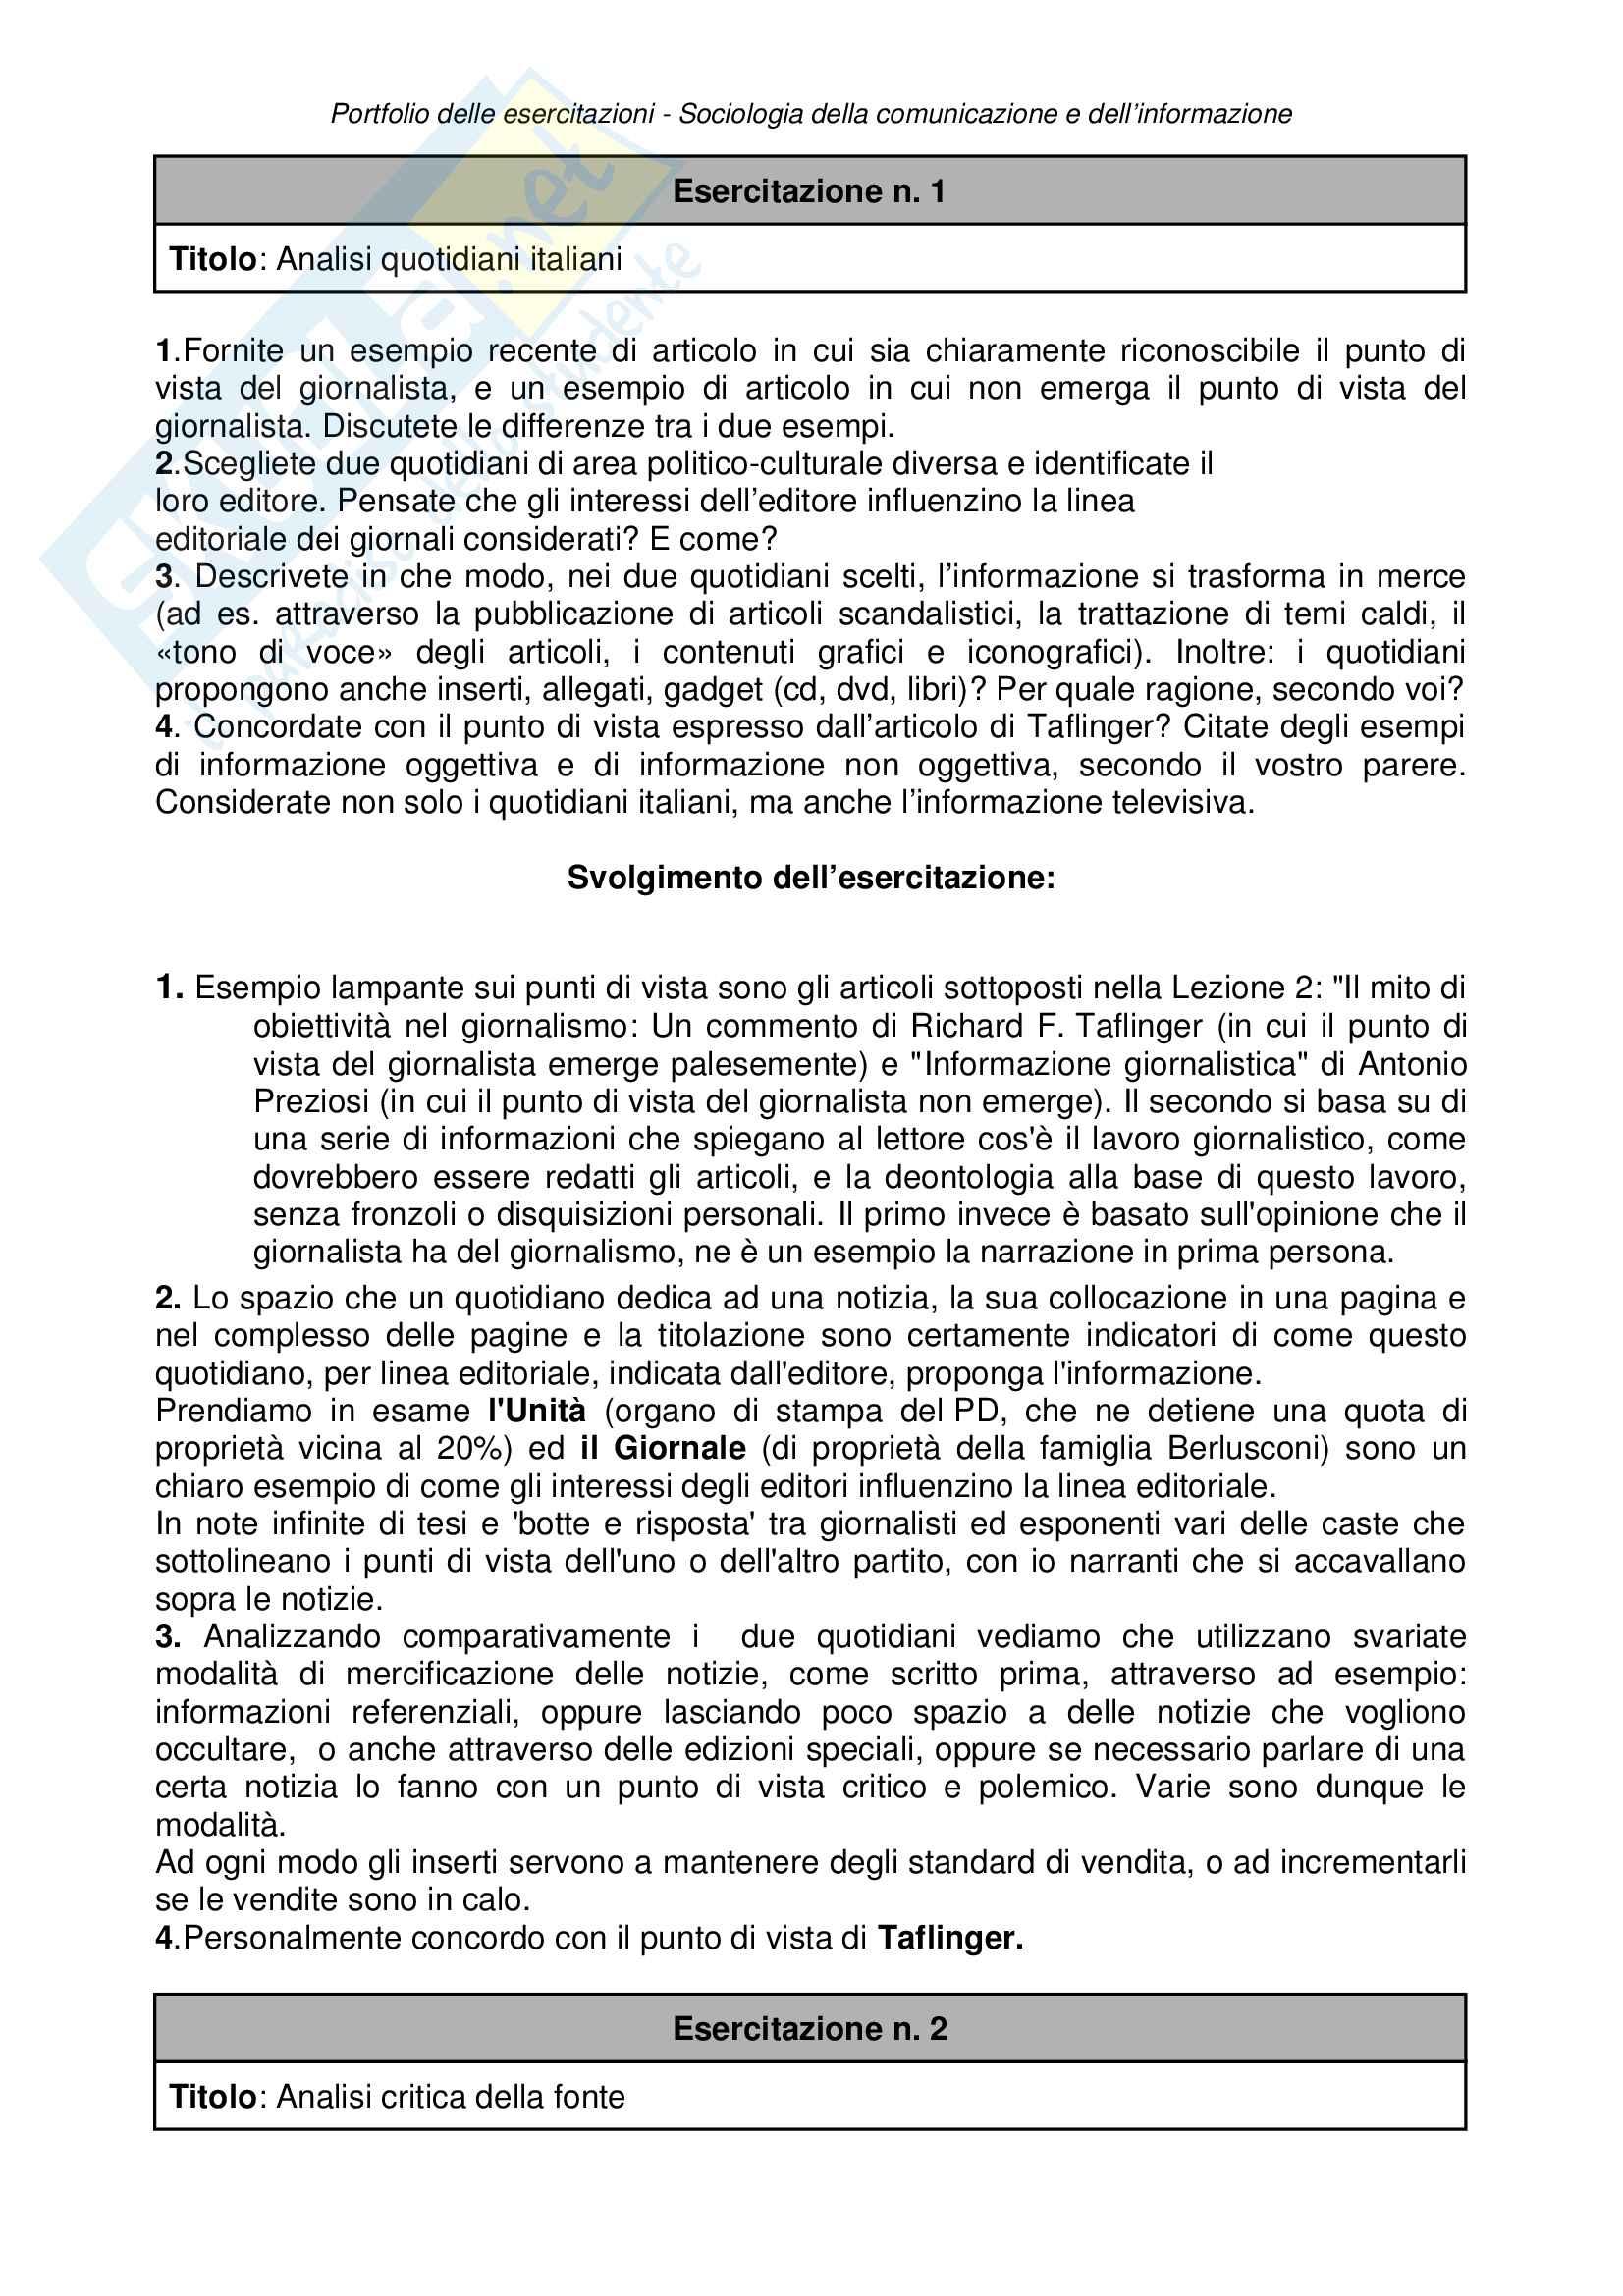 Esercitazioni Sociologia Pag. 2